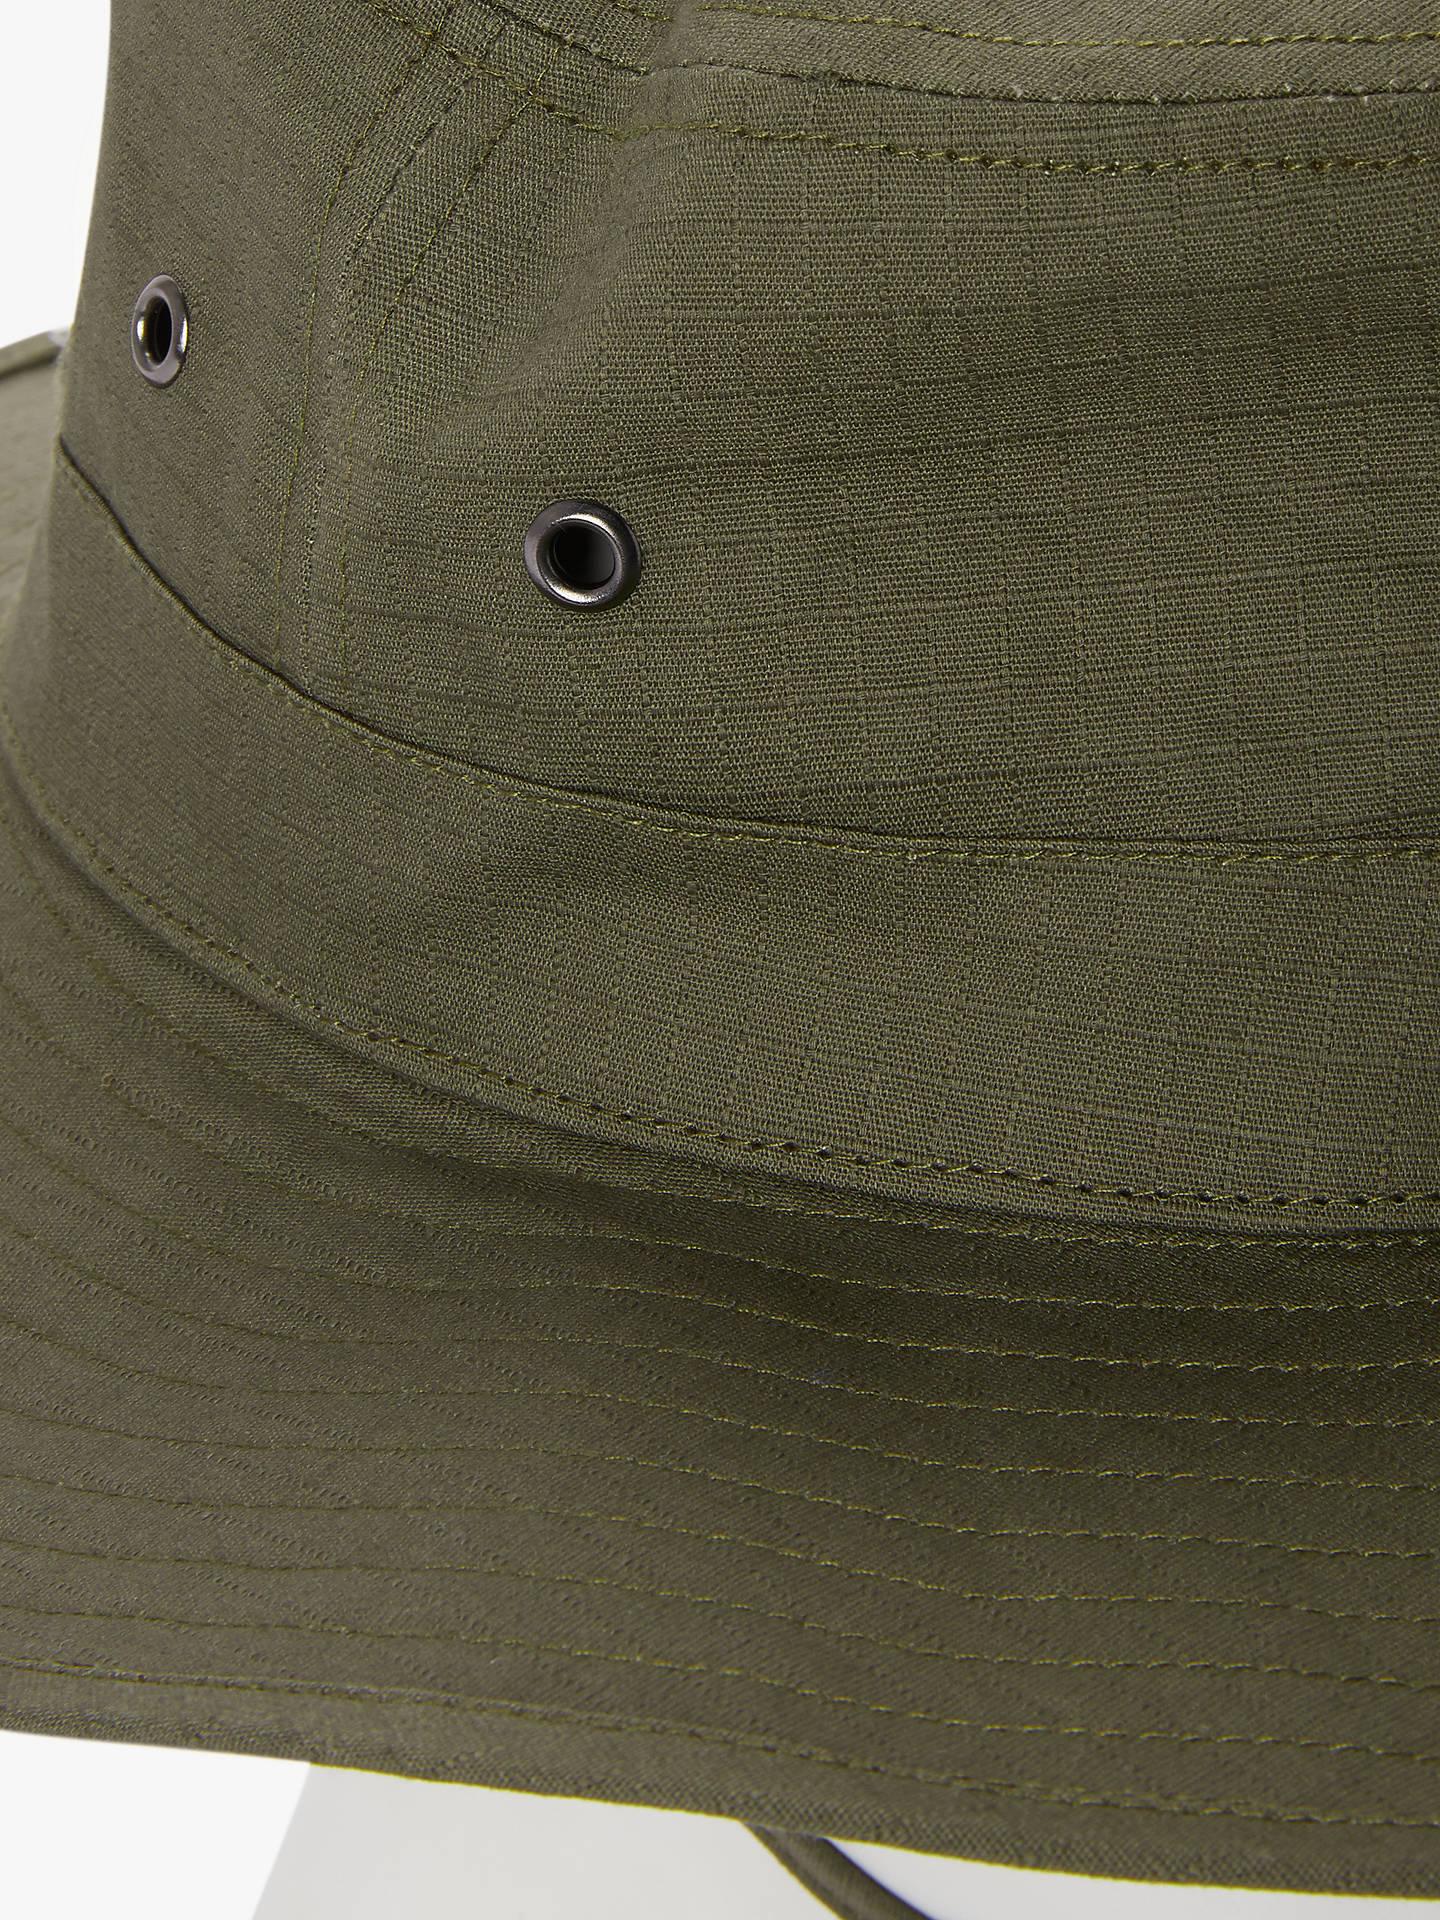 official photos d71e8 c454c Buy John Lewis   Partners Cotton Safari Hat, Khaki, S-M Online at johnlewis.